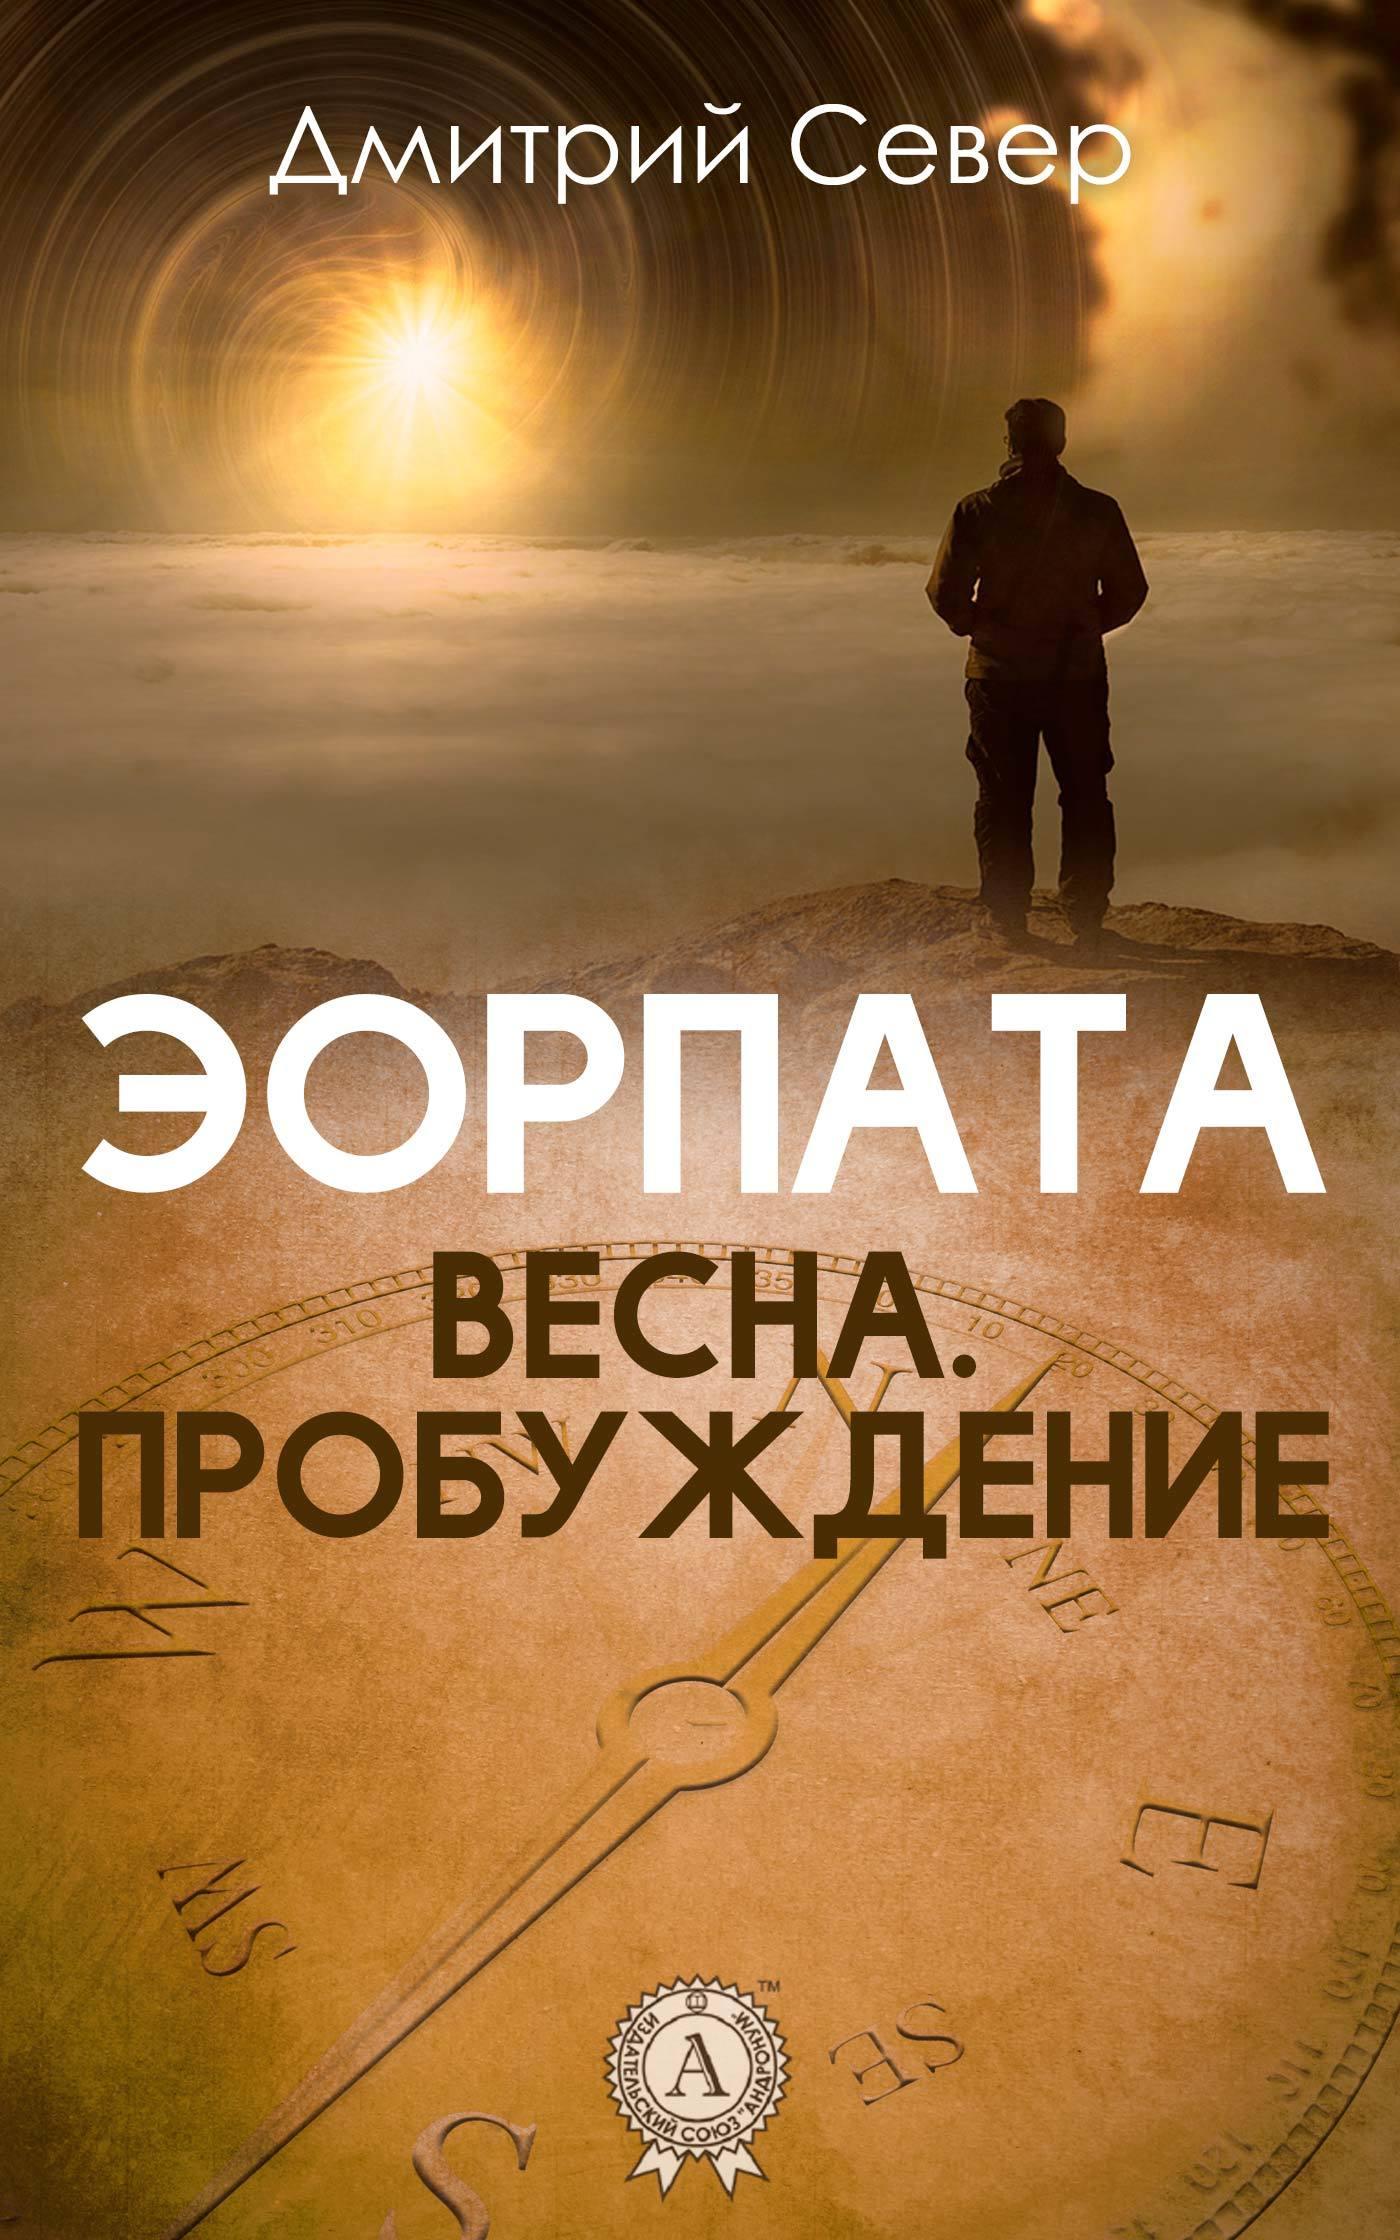 Обложка книги Весна. Пробуждение, автор Дмитрий Север